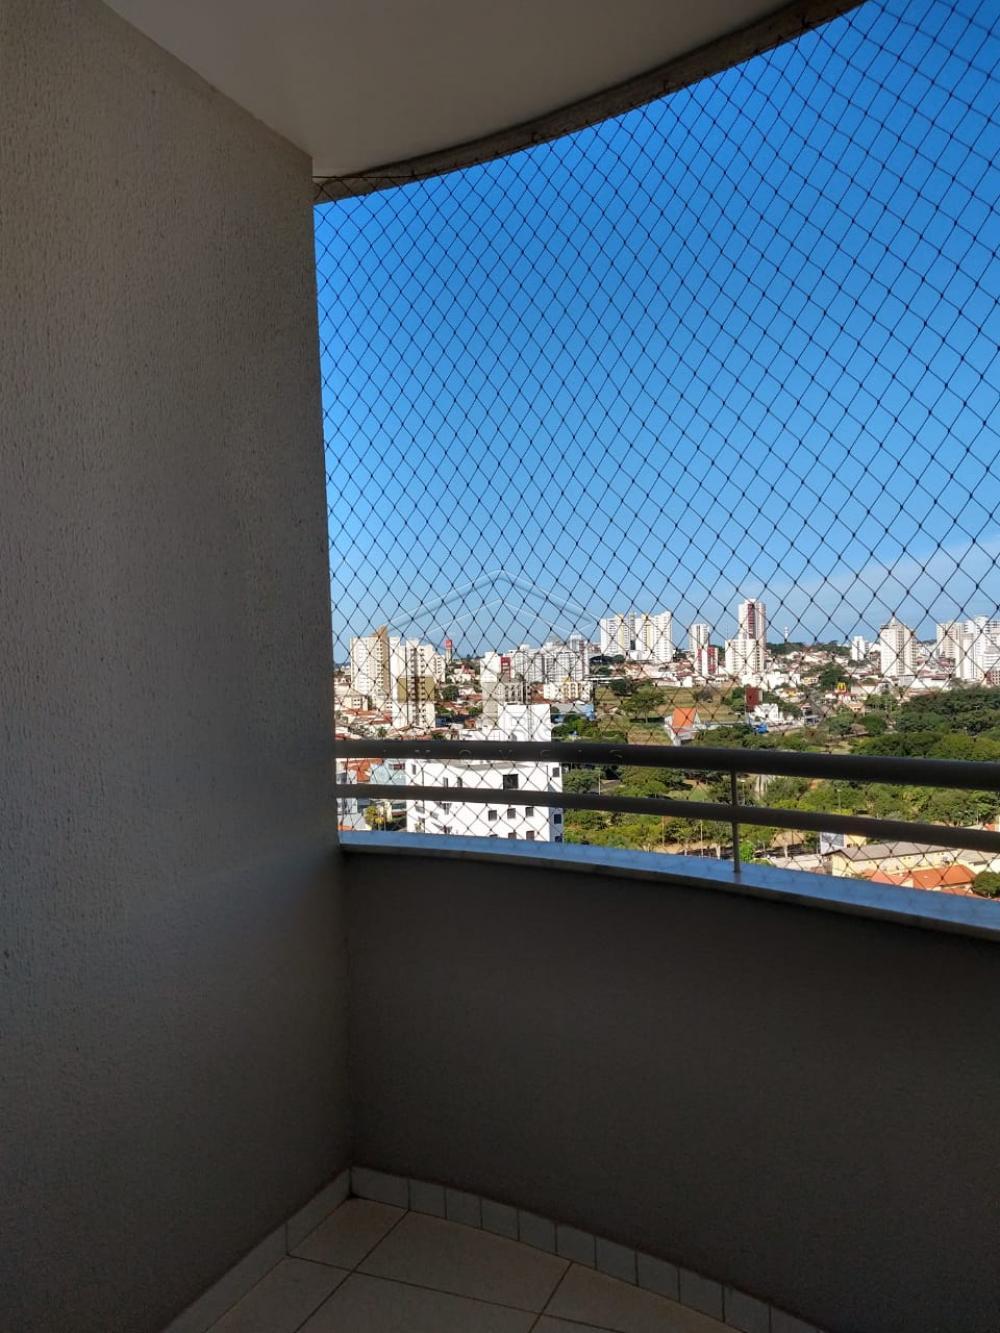 Comprar Apartamento / Padrão em Bauru R$ 340.000,00 - Foto 4